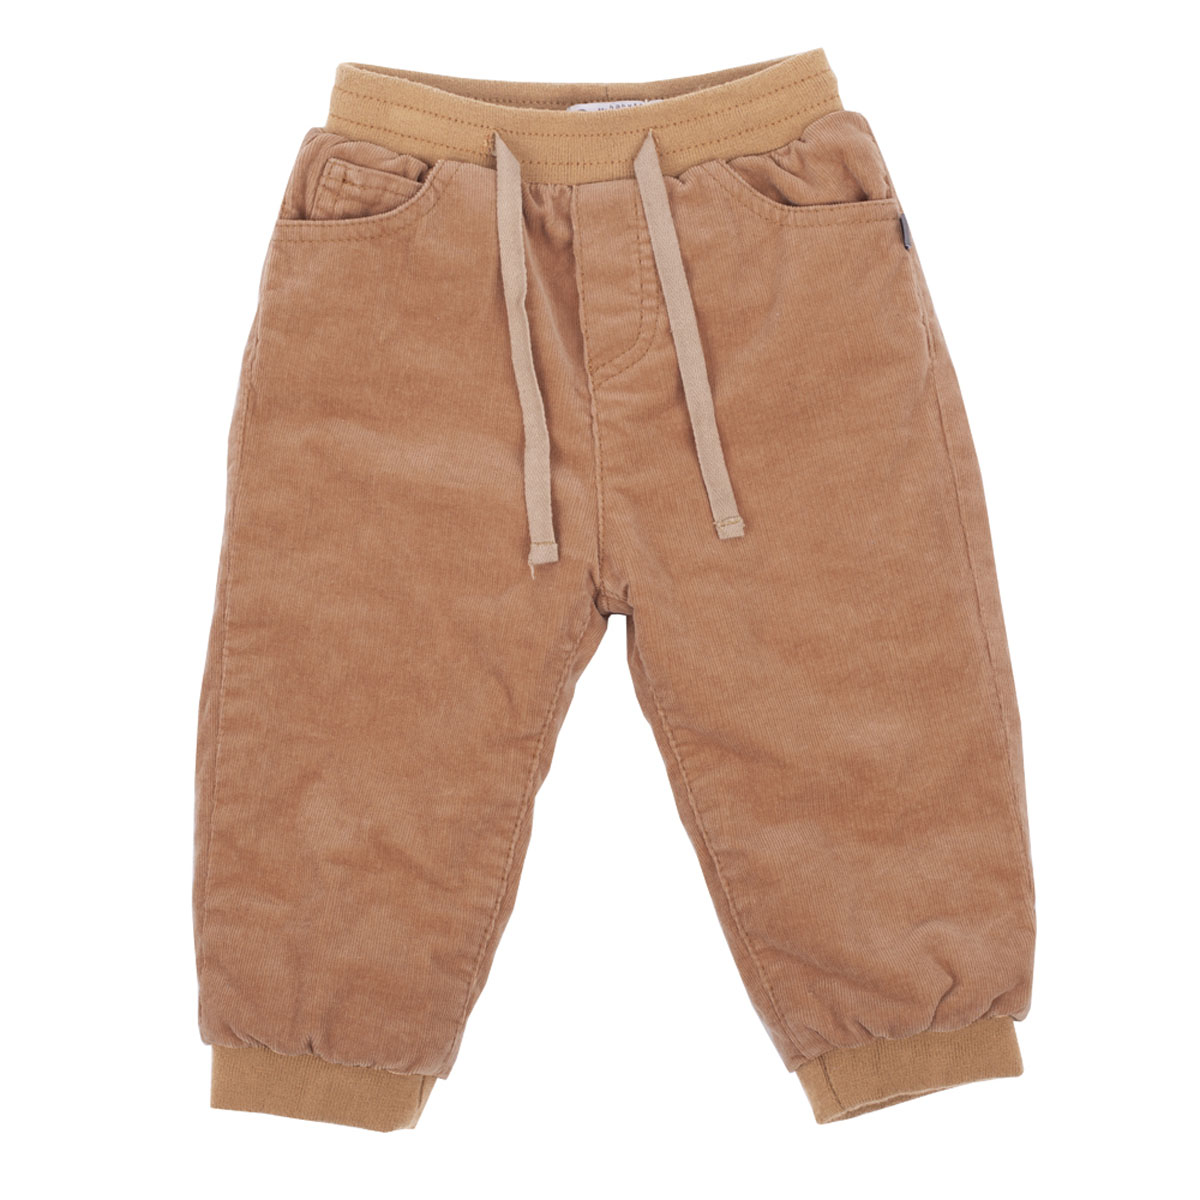 Брюки для мальчика Gulliver Baby, цвет: песочный. 216GBBC6401. Размер 74/80216GBBC6401Утепленные брюки для малышей! Что может важнее для длительных осенних прогулок на свежем воздухе! Их основная функция - сохранение тепла и, вне всяких сомнений, эти брюки с ней справятся на все 100! Удачная конструкция, выверенные пропорции не создают ненужного объема, мешающего свободе движений. Эти модные брюки из вельвета на трикотажной подкладке обеспечивают уют и комфорт.